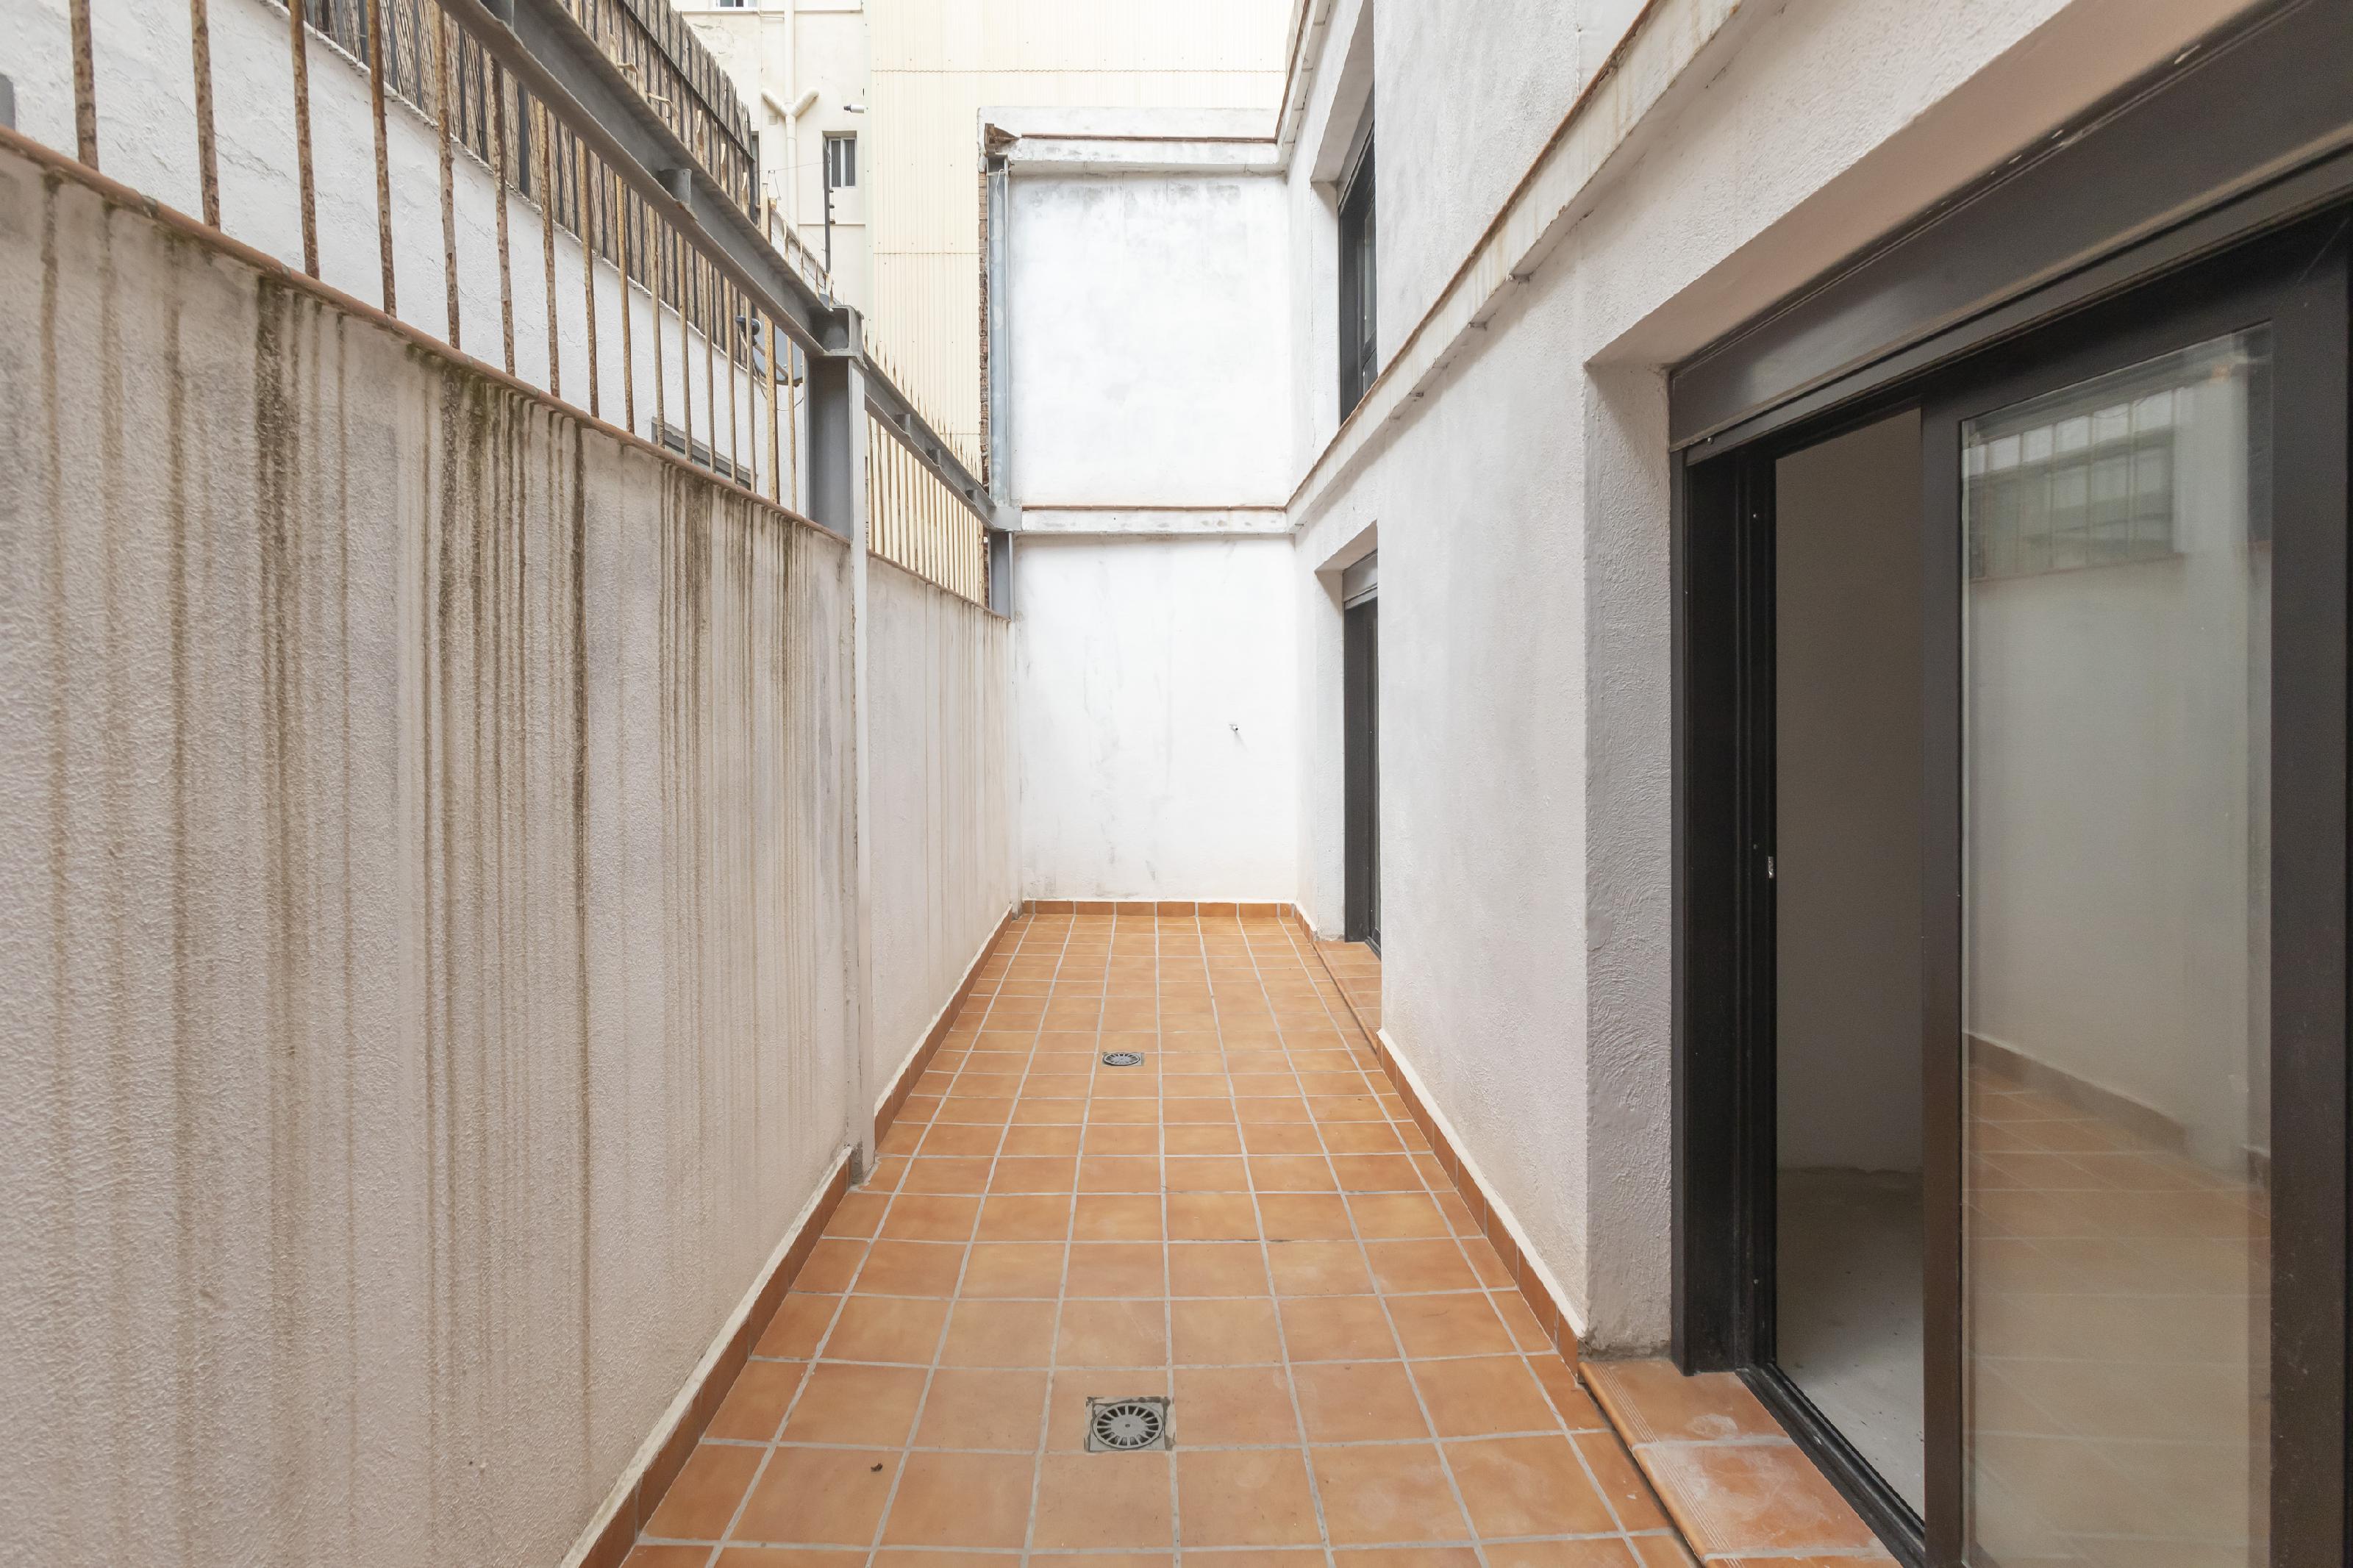 253983 Loft for sale in Gràcia, Vila de Gràcia 11